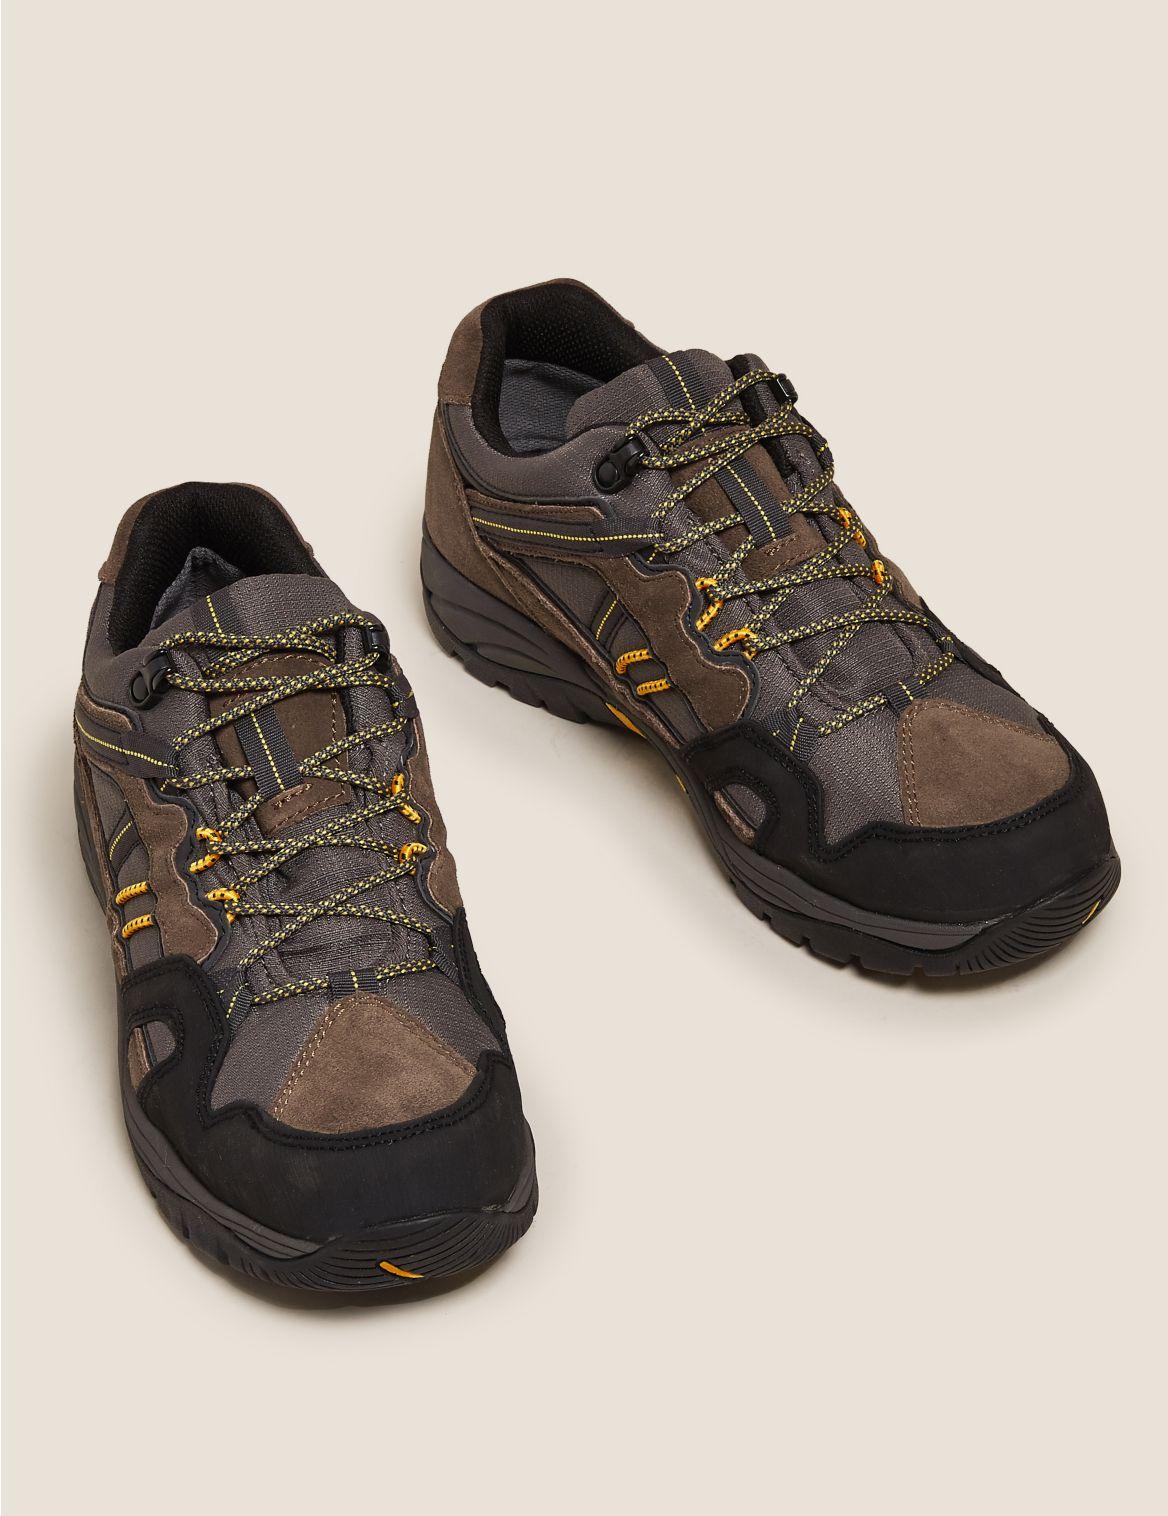 Chaussures de marche imperm??ables. Chaussures de marche imperm??ables